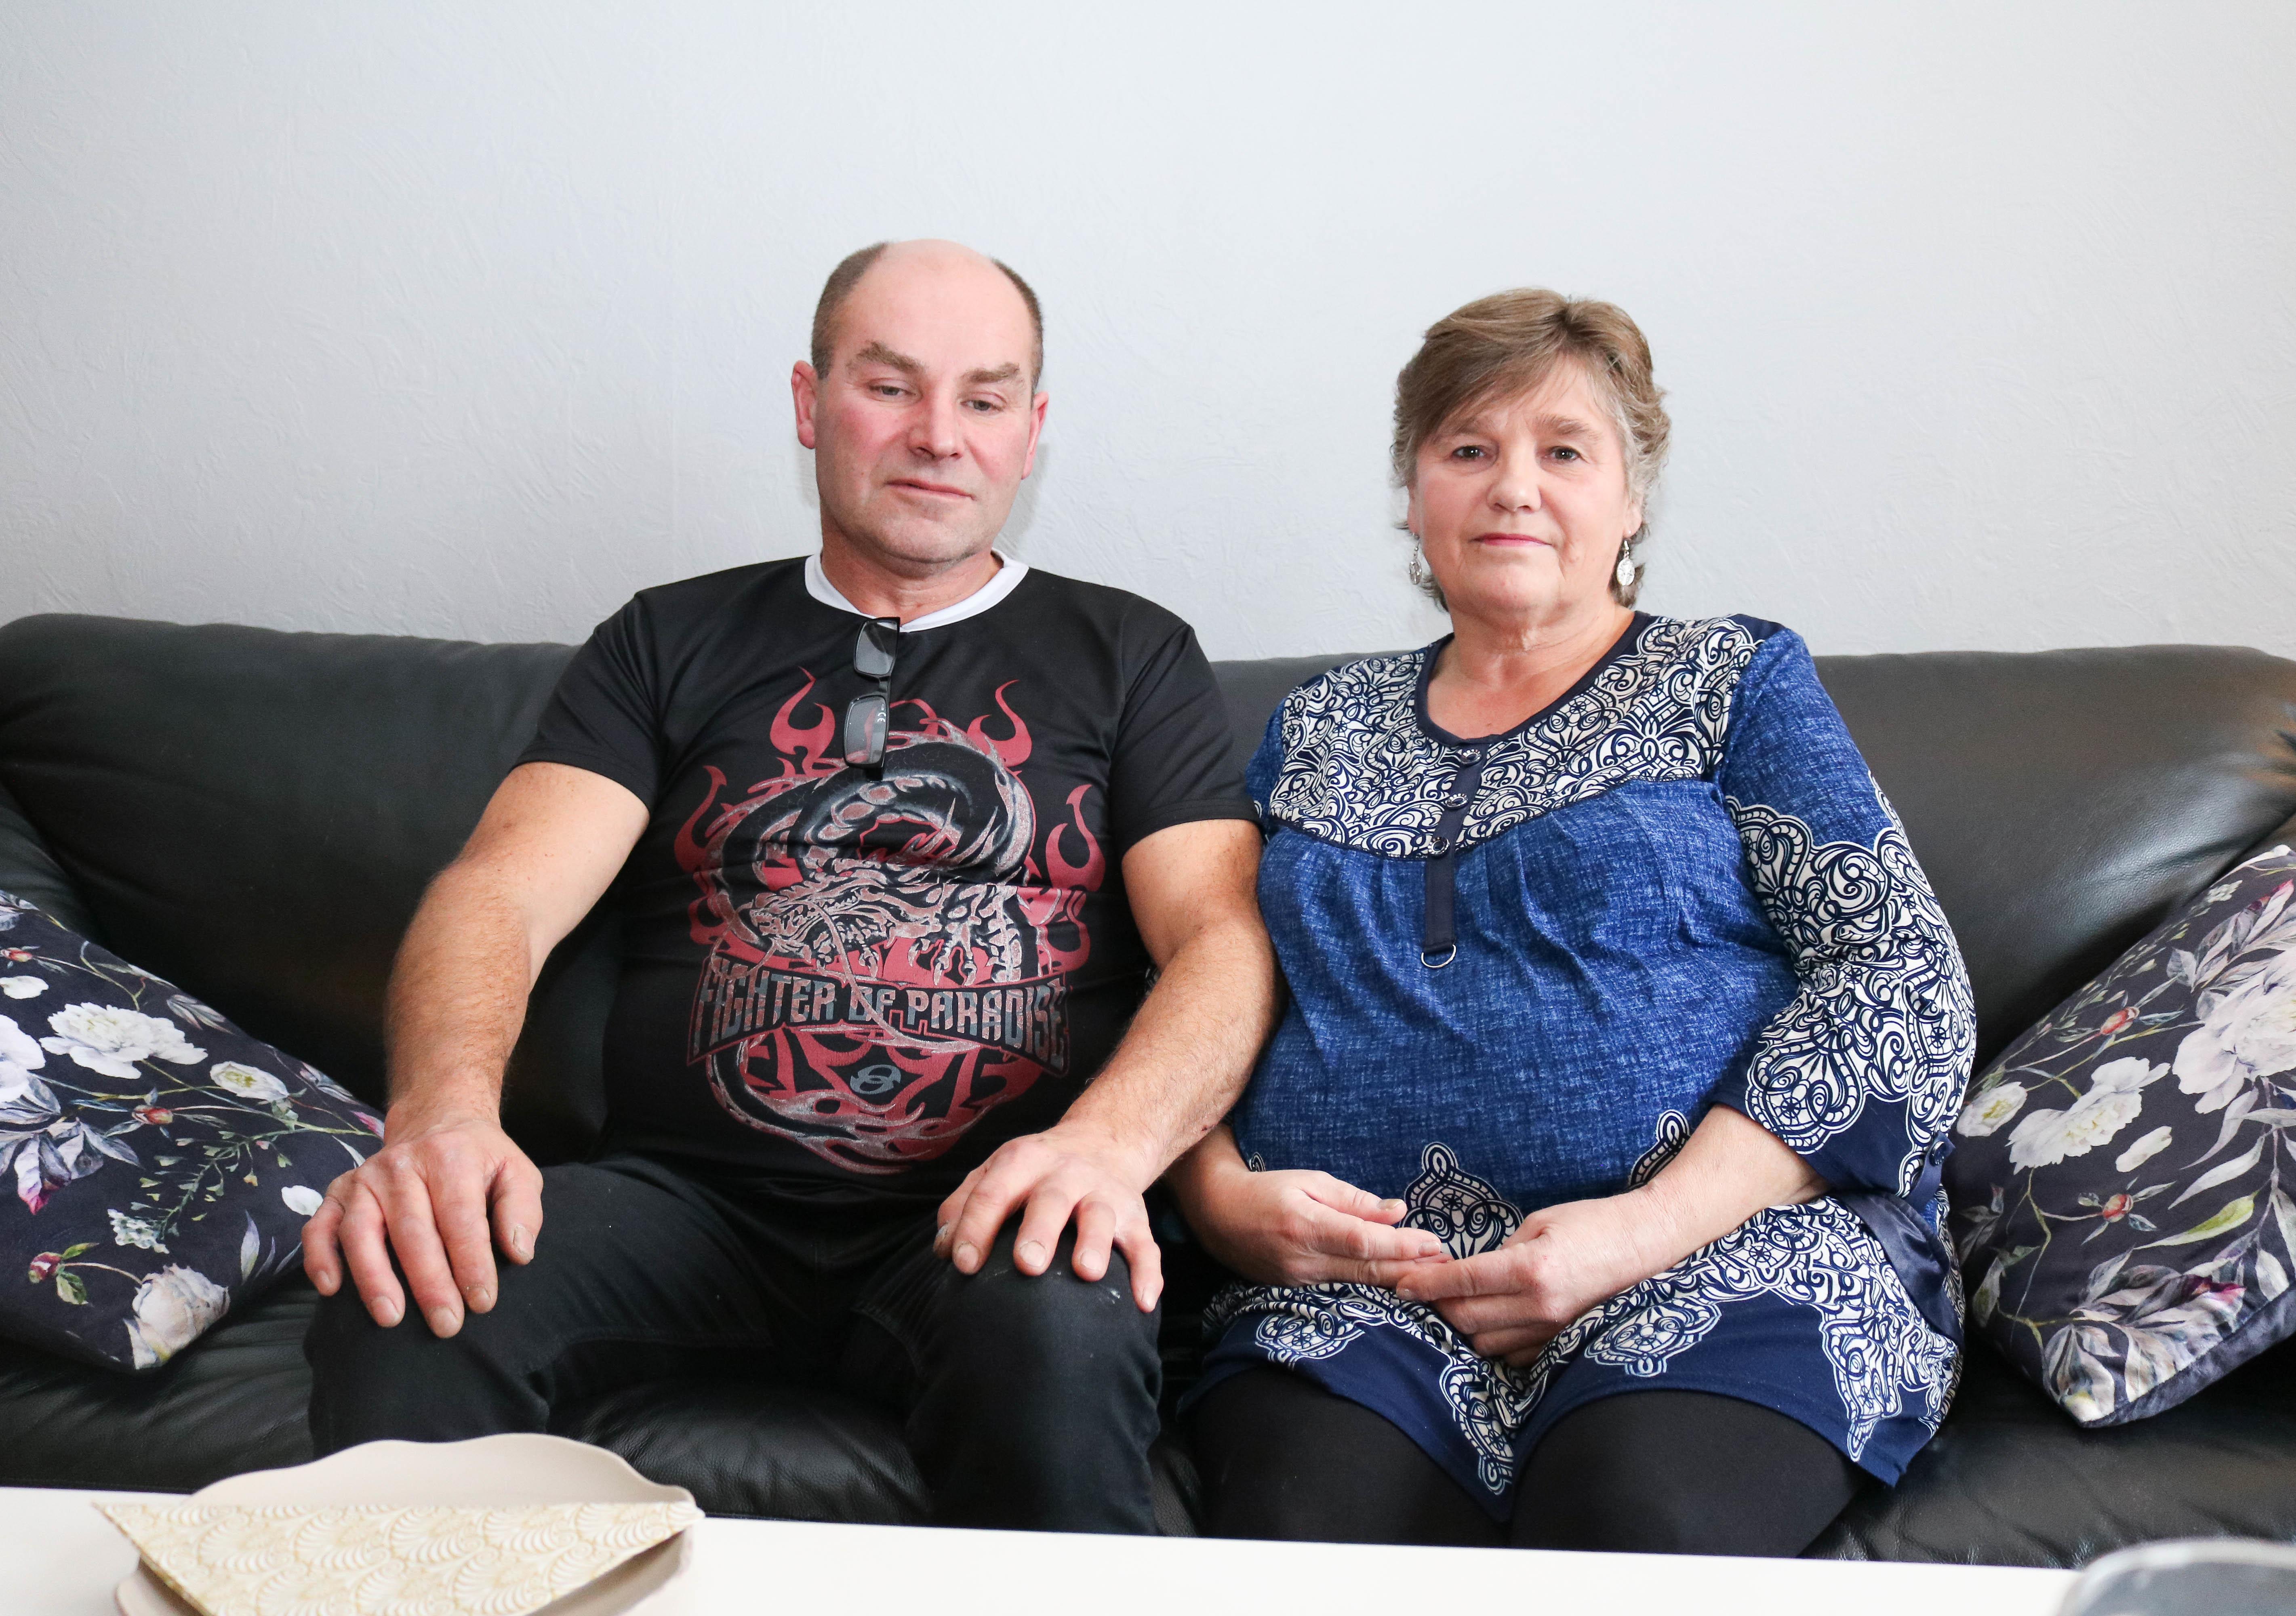 Ektepar, han i svart t-skjort og hun i blå skjorte, sitter sammen i grå skinnsofa.